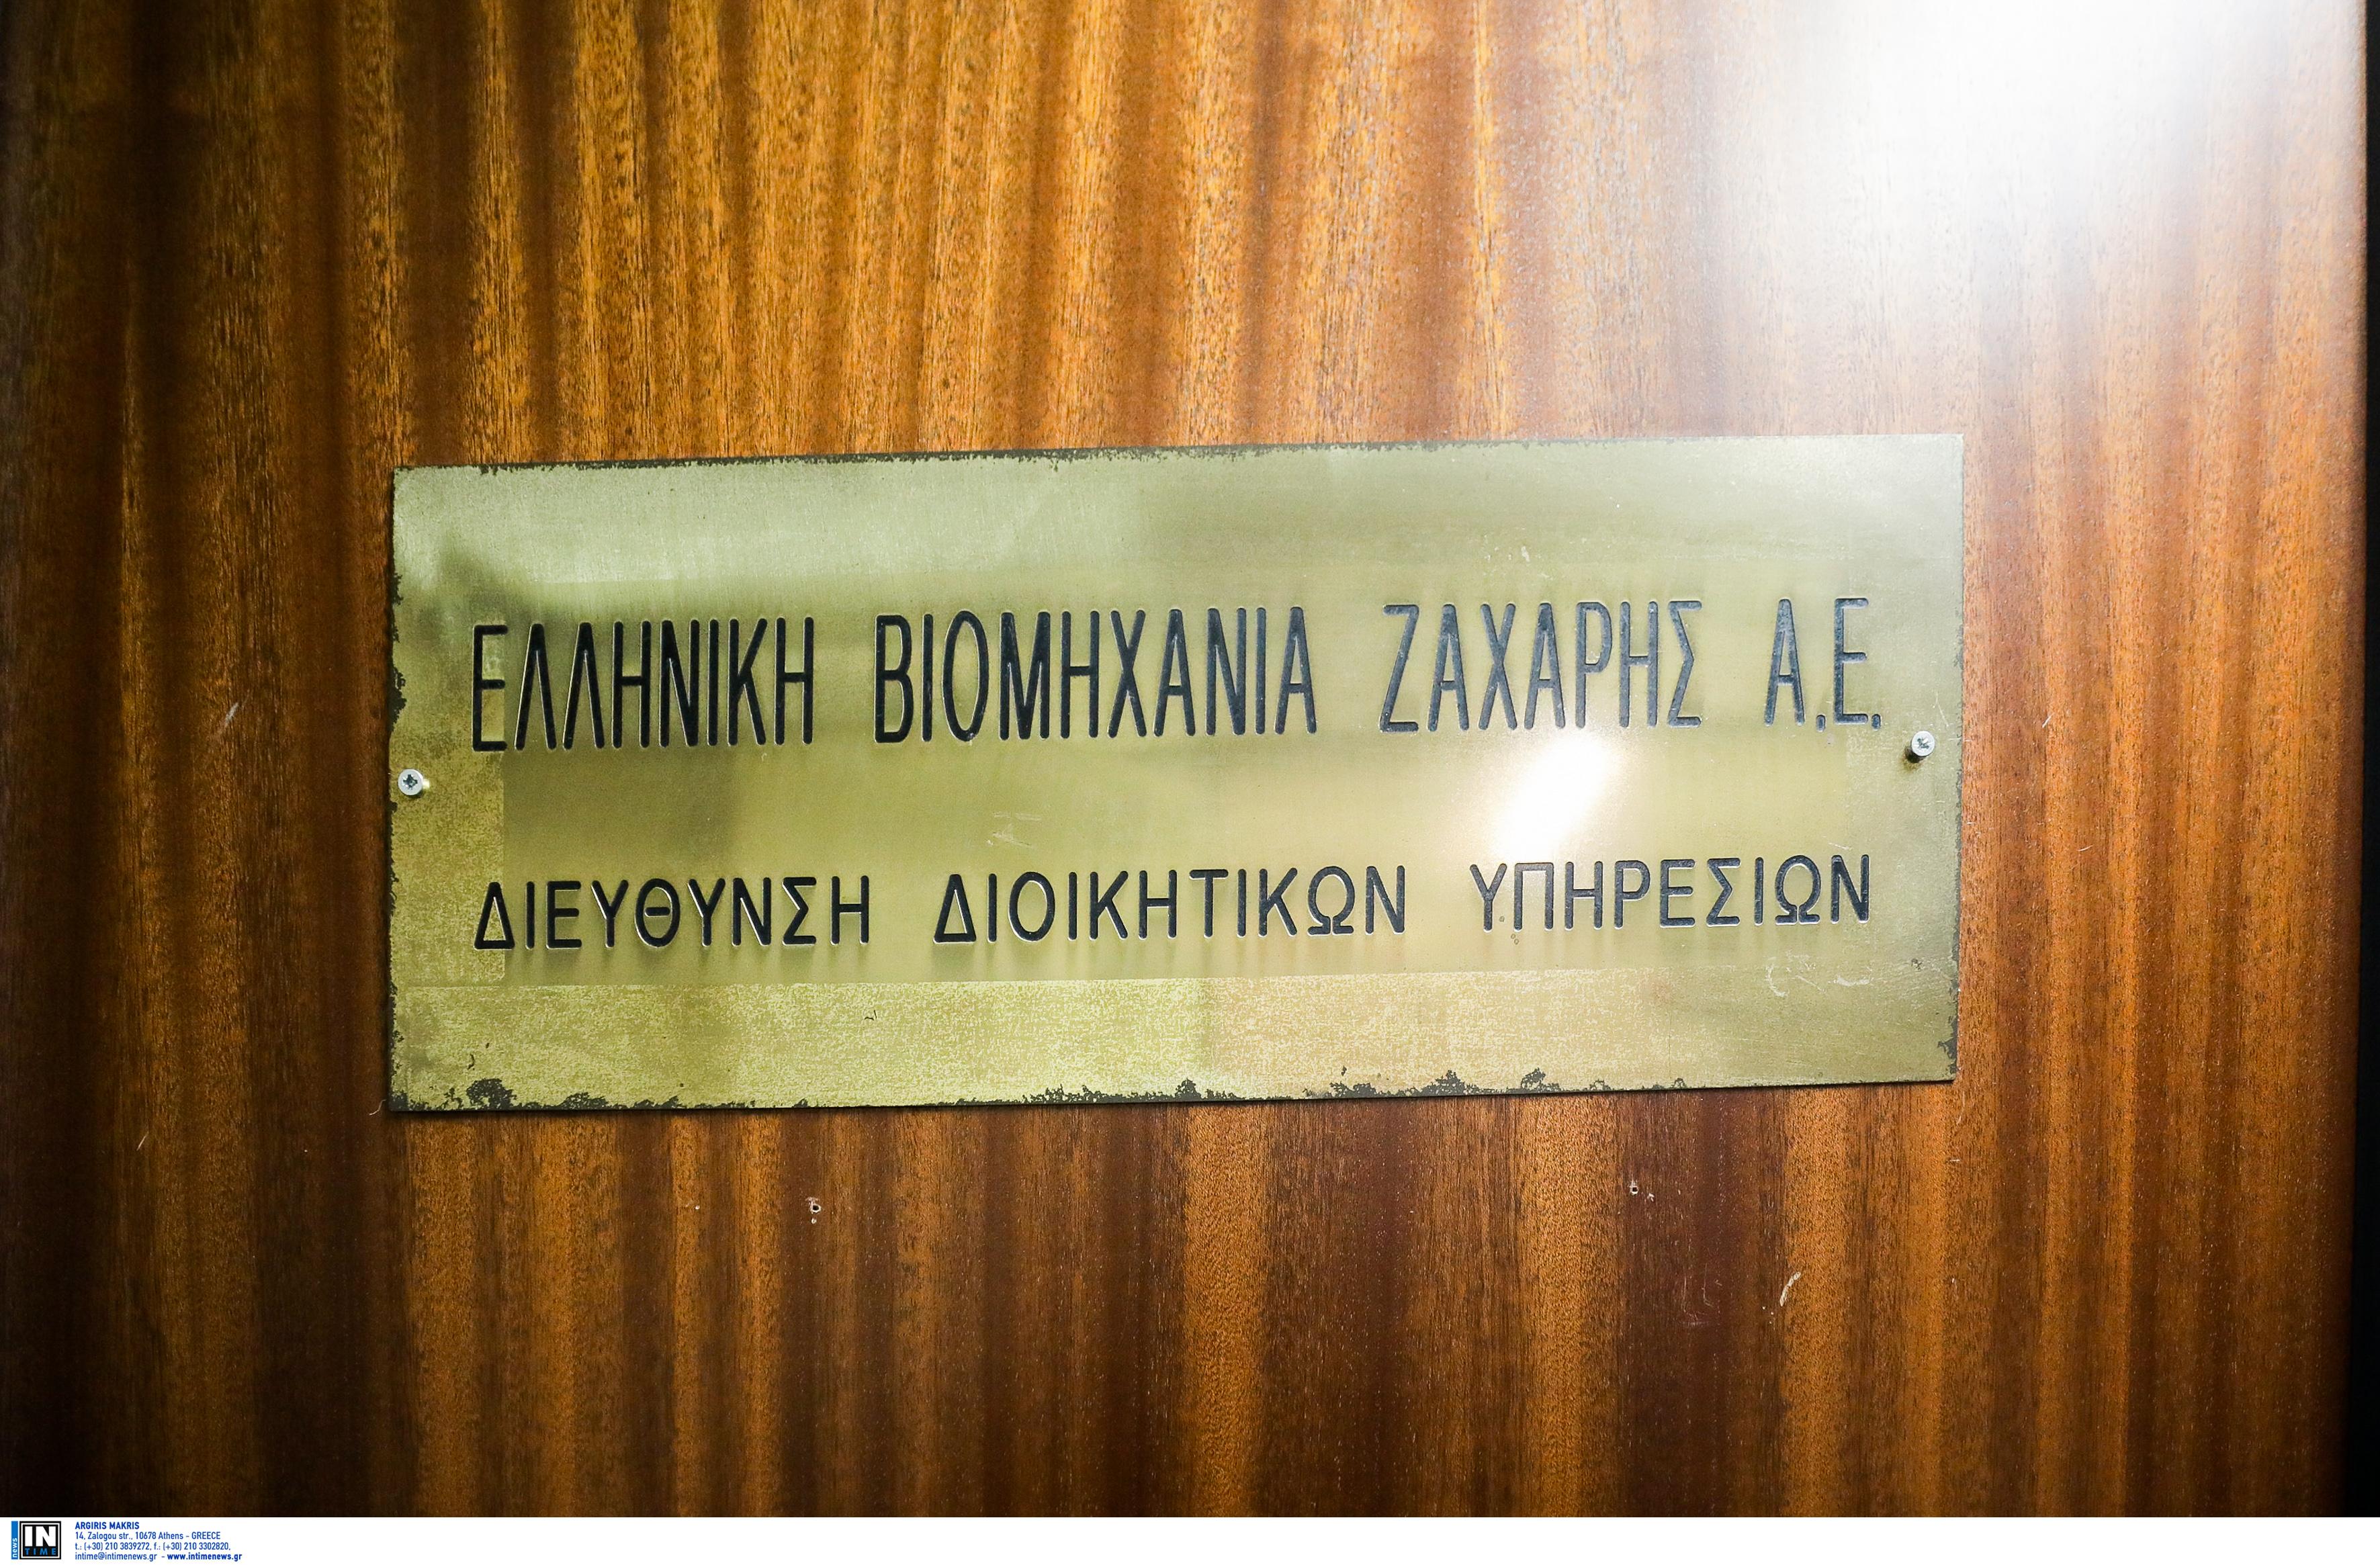 """""""Ανάσταση"""" για την ΕΒΖ! Συμφωνία με την Royal Sugar για τα εργοστάσια σε Σέρρες και Ημαθία"""